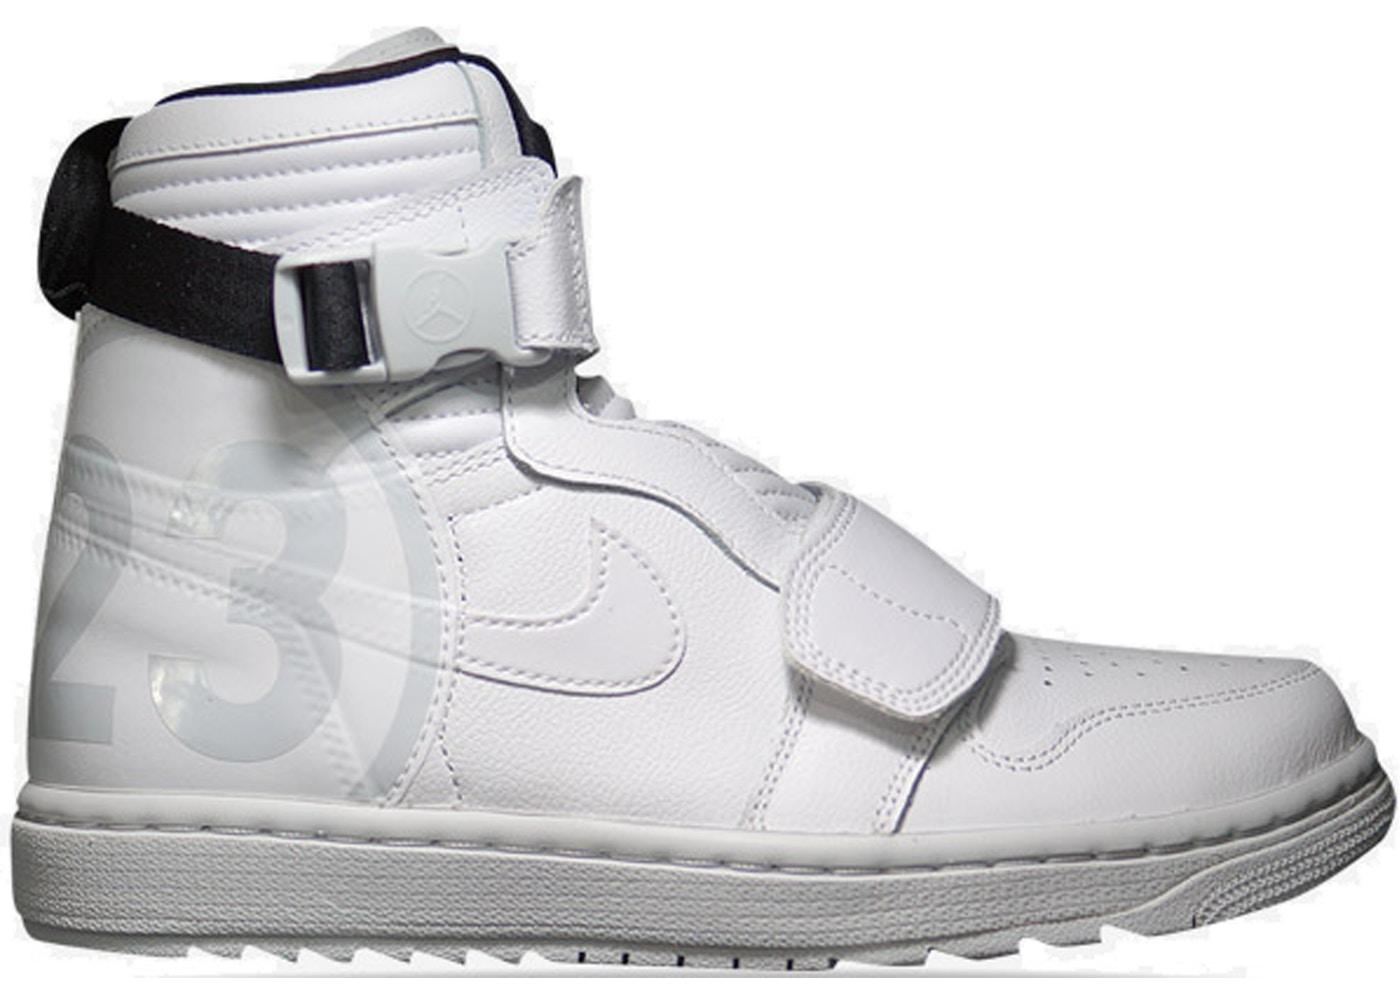 official photos 5f0e0 4c275 Jordan 1 Moto White